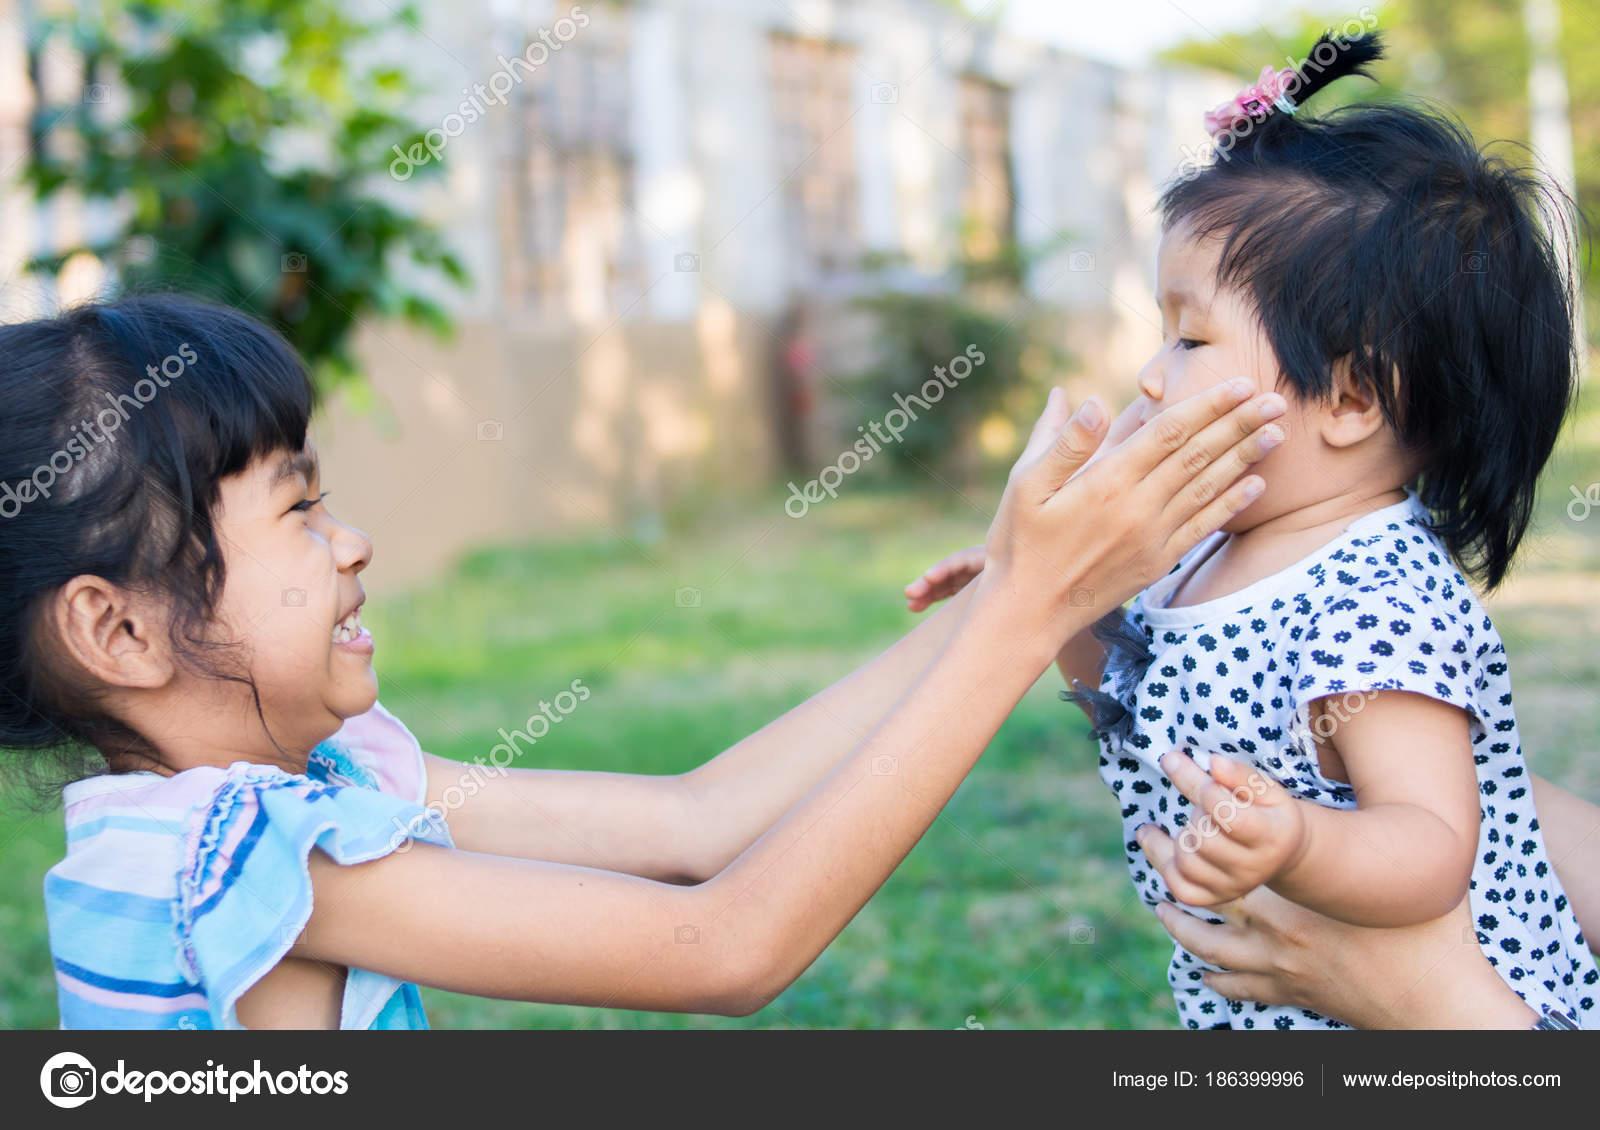 Сестра играла а он вставил ей, Сестра приклеилась к столу, а брат воспользовался этим 14 фотография